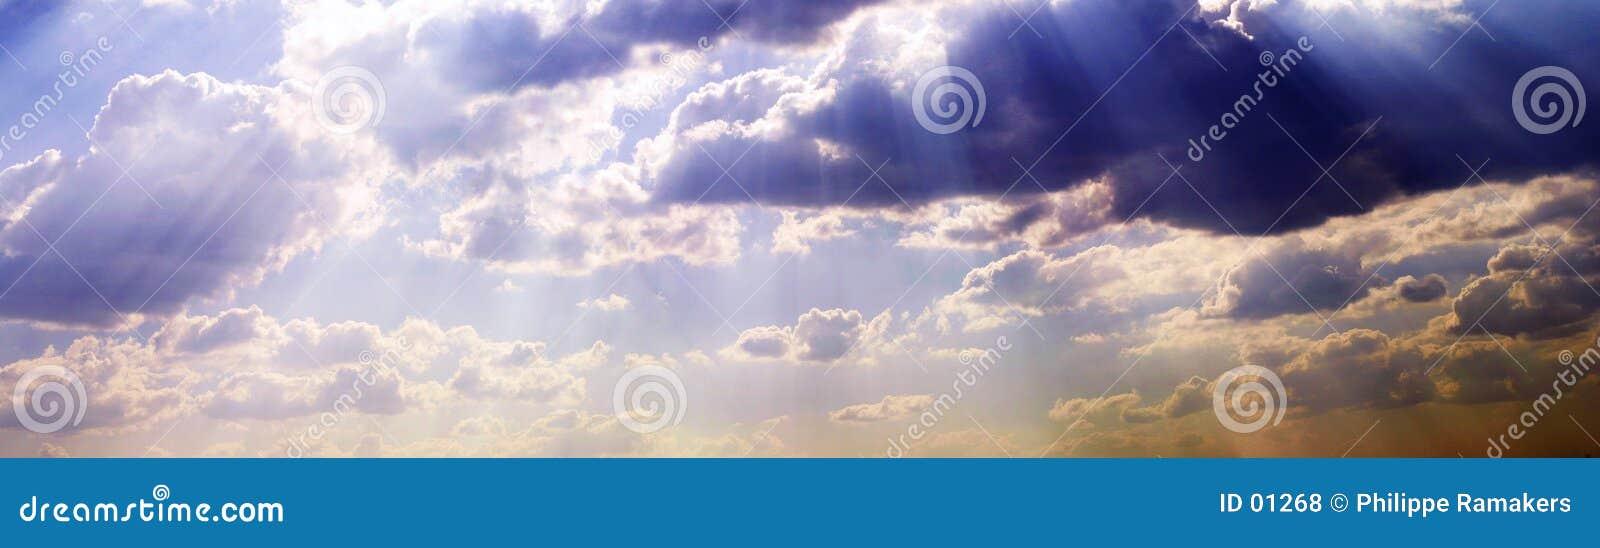 Breiter Himmel mit Wolken